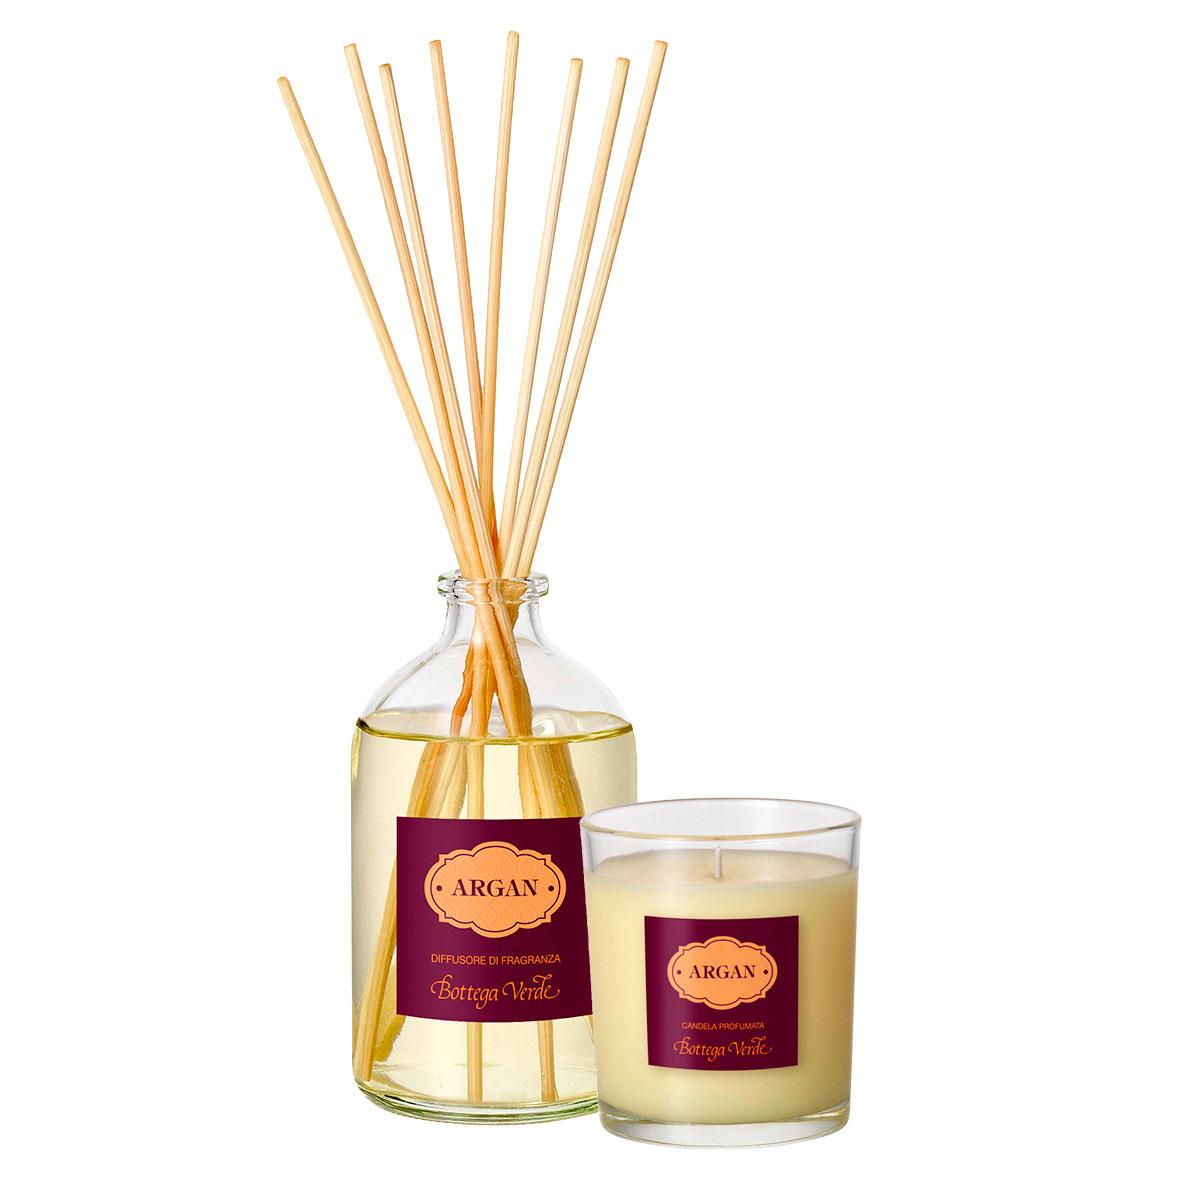 Set ingrijire casa cu aroma de argan